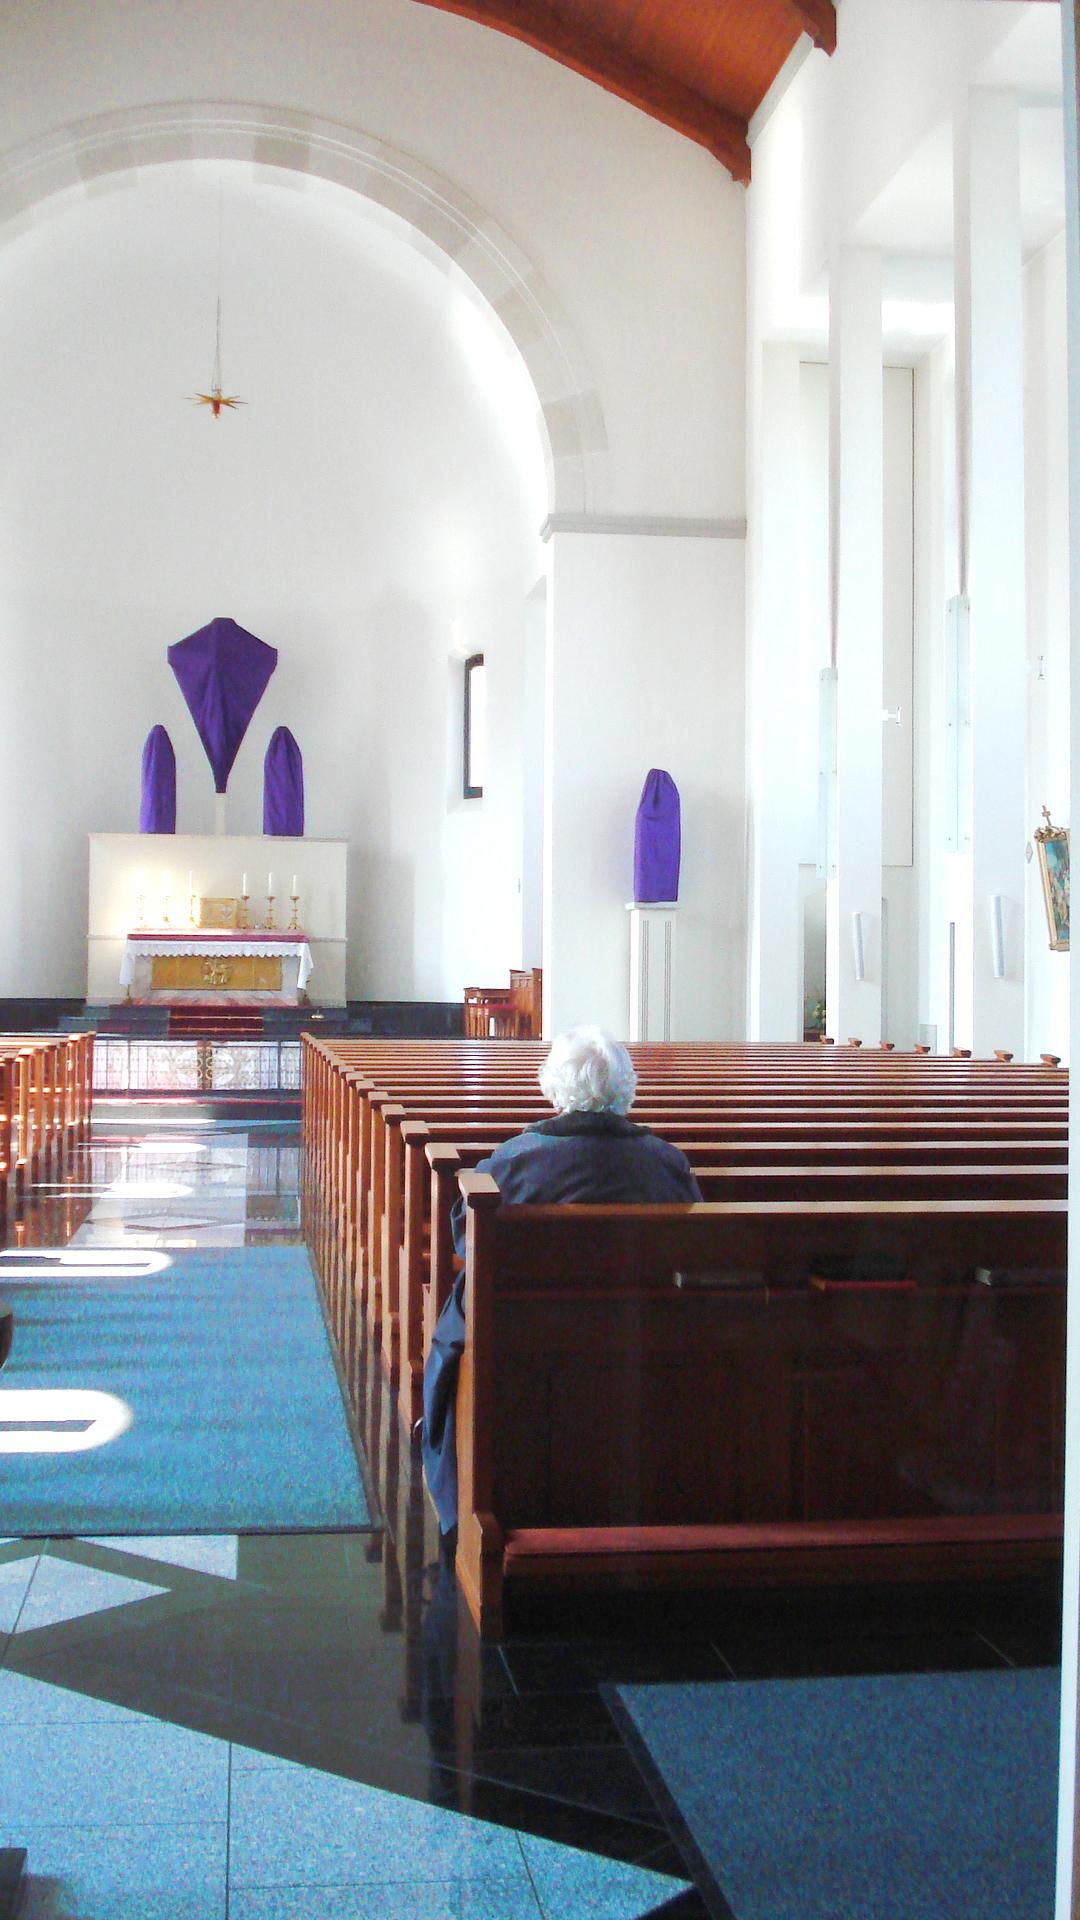 Oberriet_prayerwoman.jpg